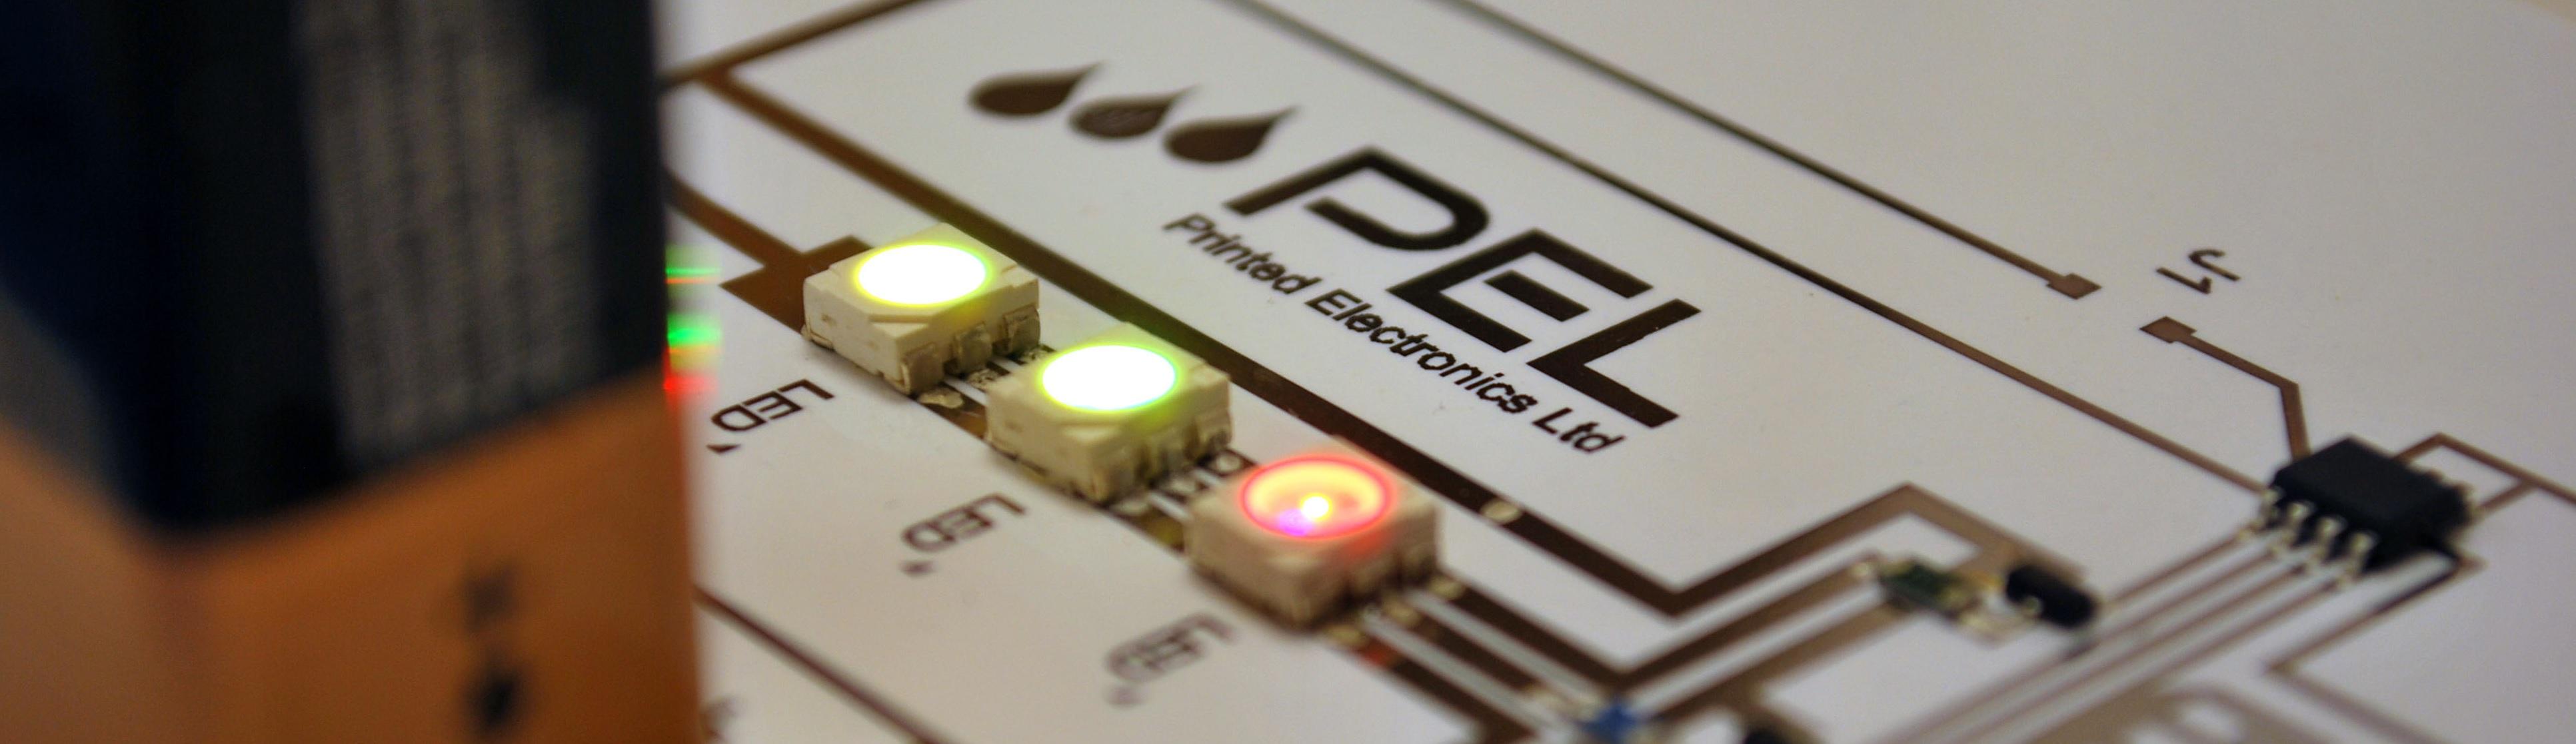 PEL_LED-Lights2